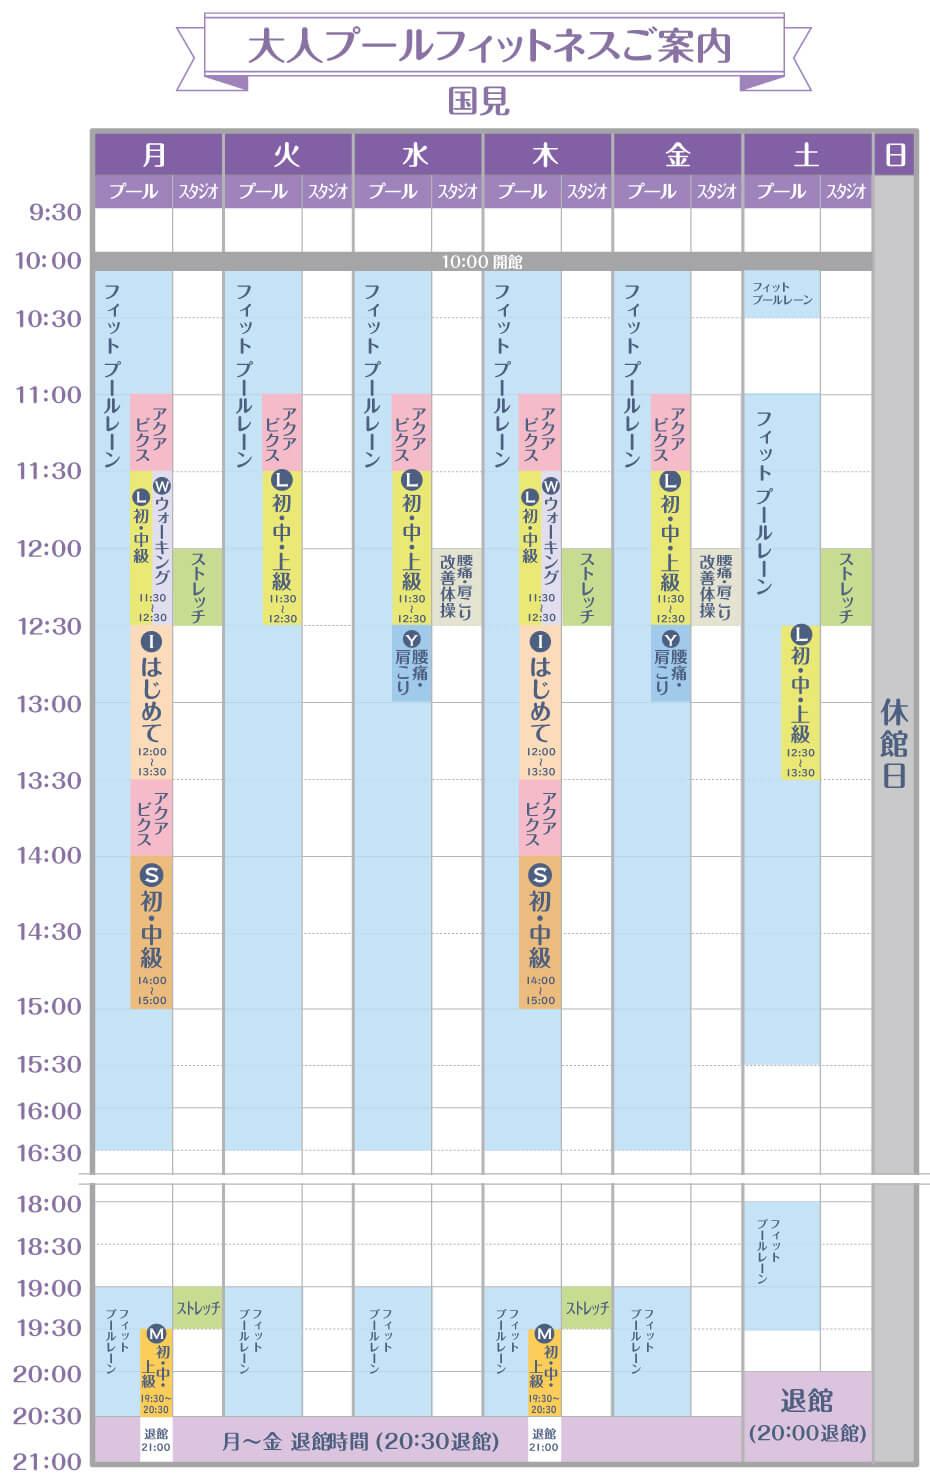 国見スイミング プール・スタジオ利用詳細スケジュール